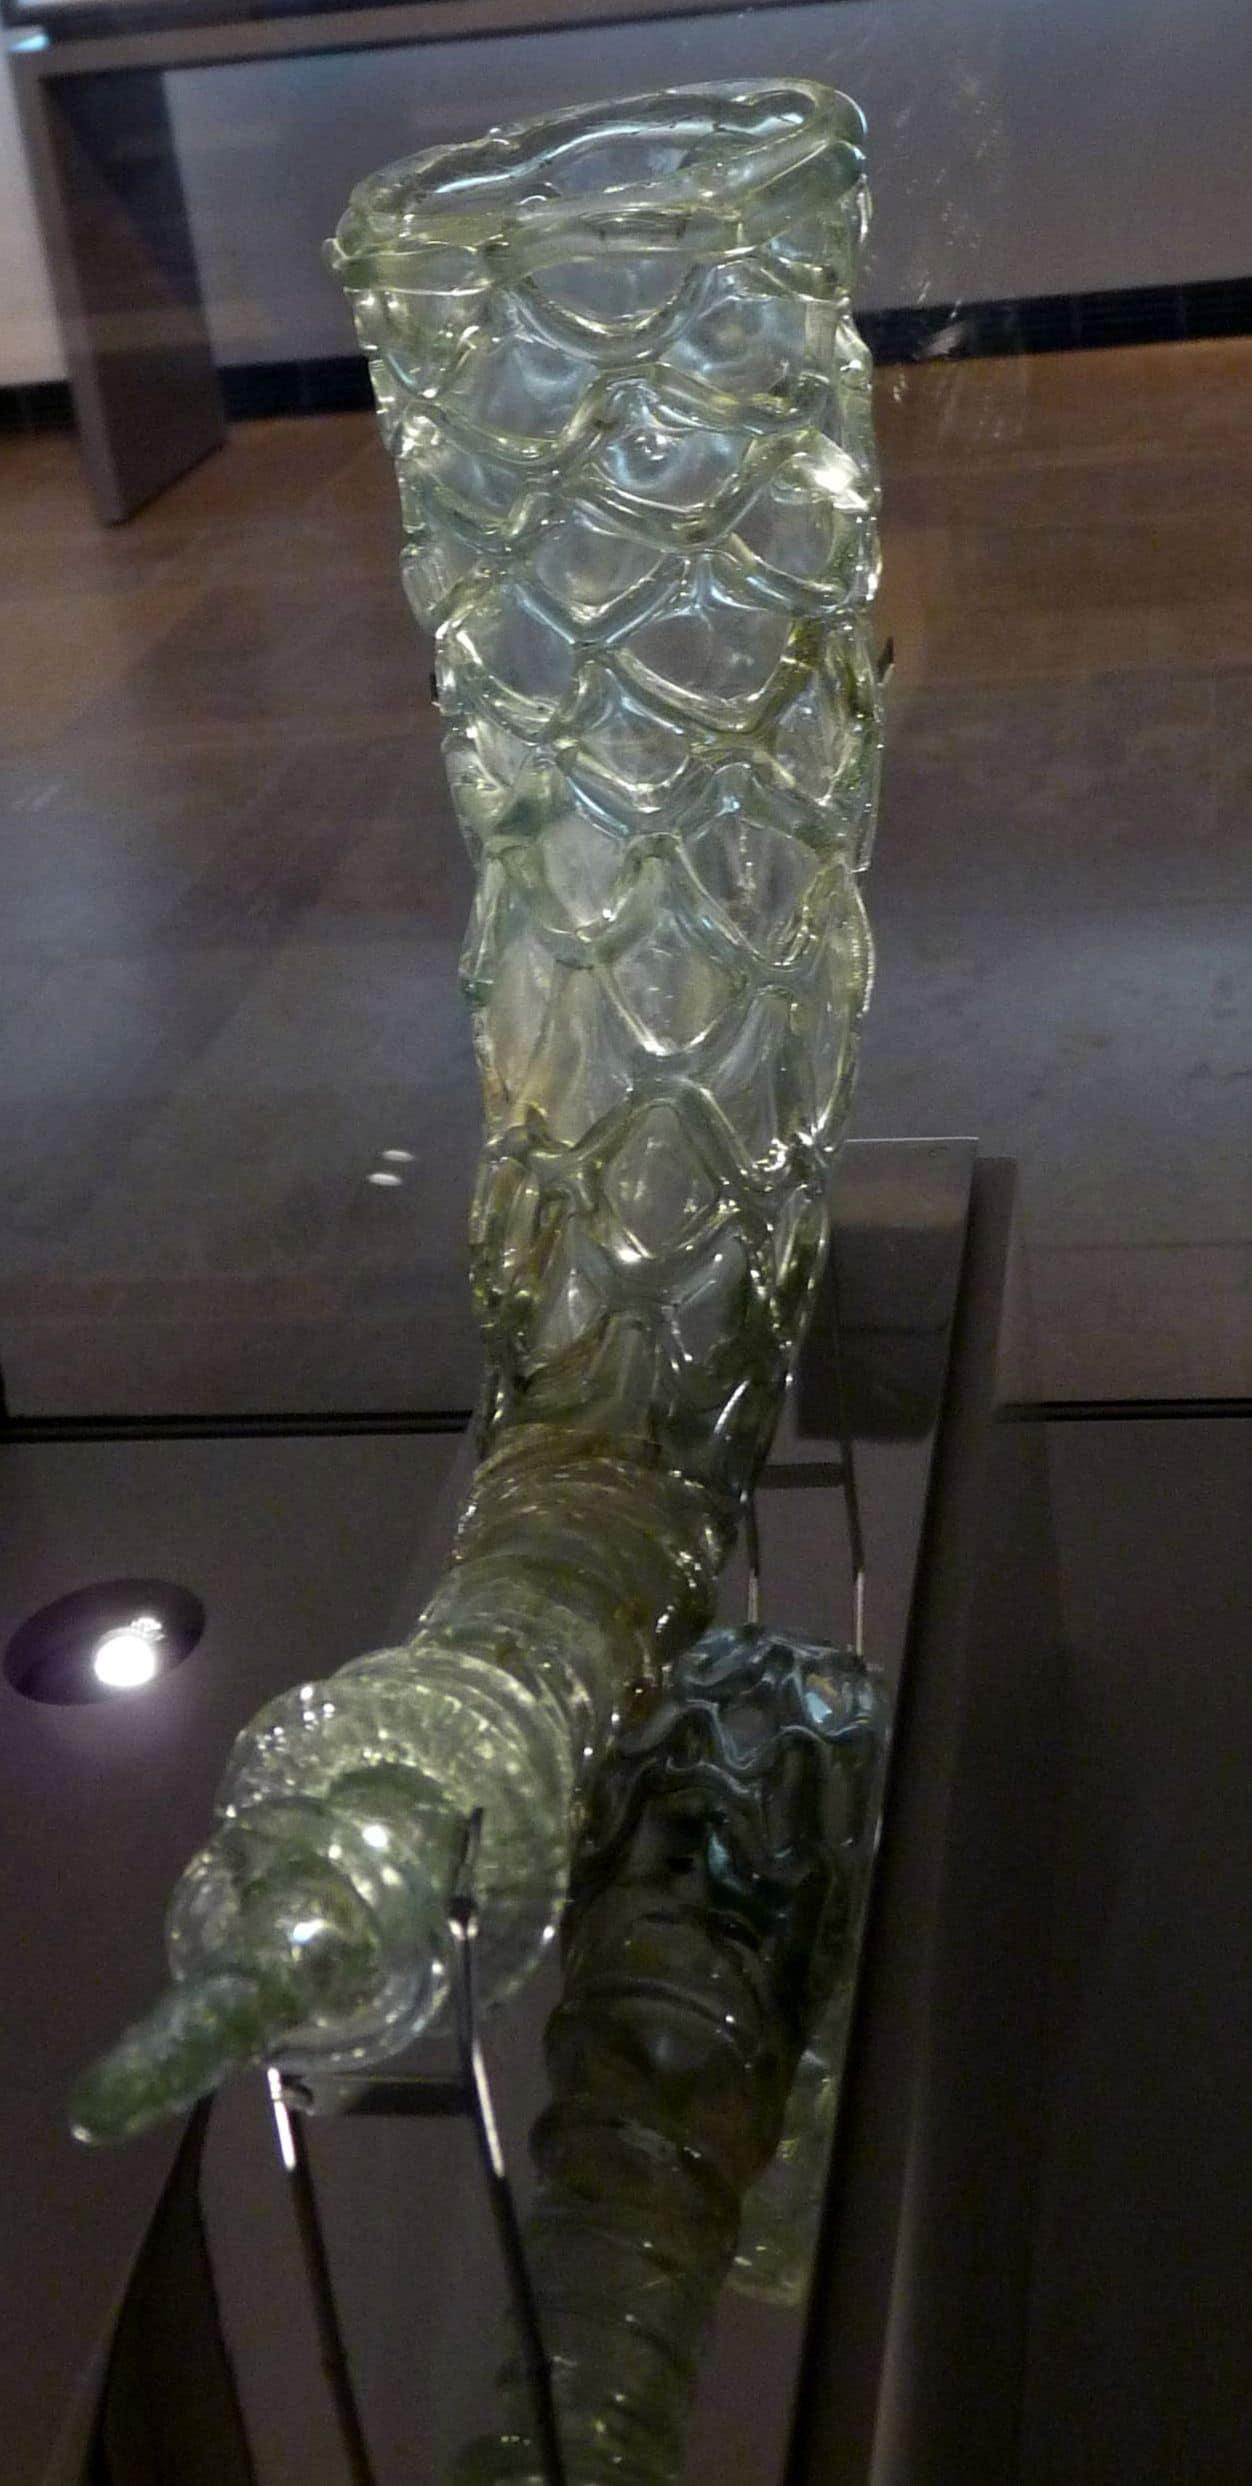 Corne de verre soufflé, IVè ou Vè siècle, vue arrière. époque gallo-romaine, Musée du Carré Plantagenêt, Le Mans, Cliché Jean-François Martine